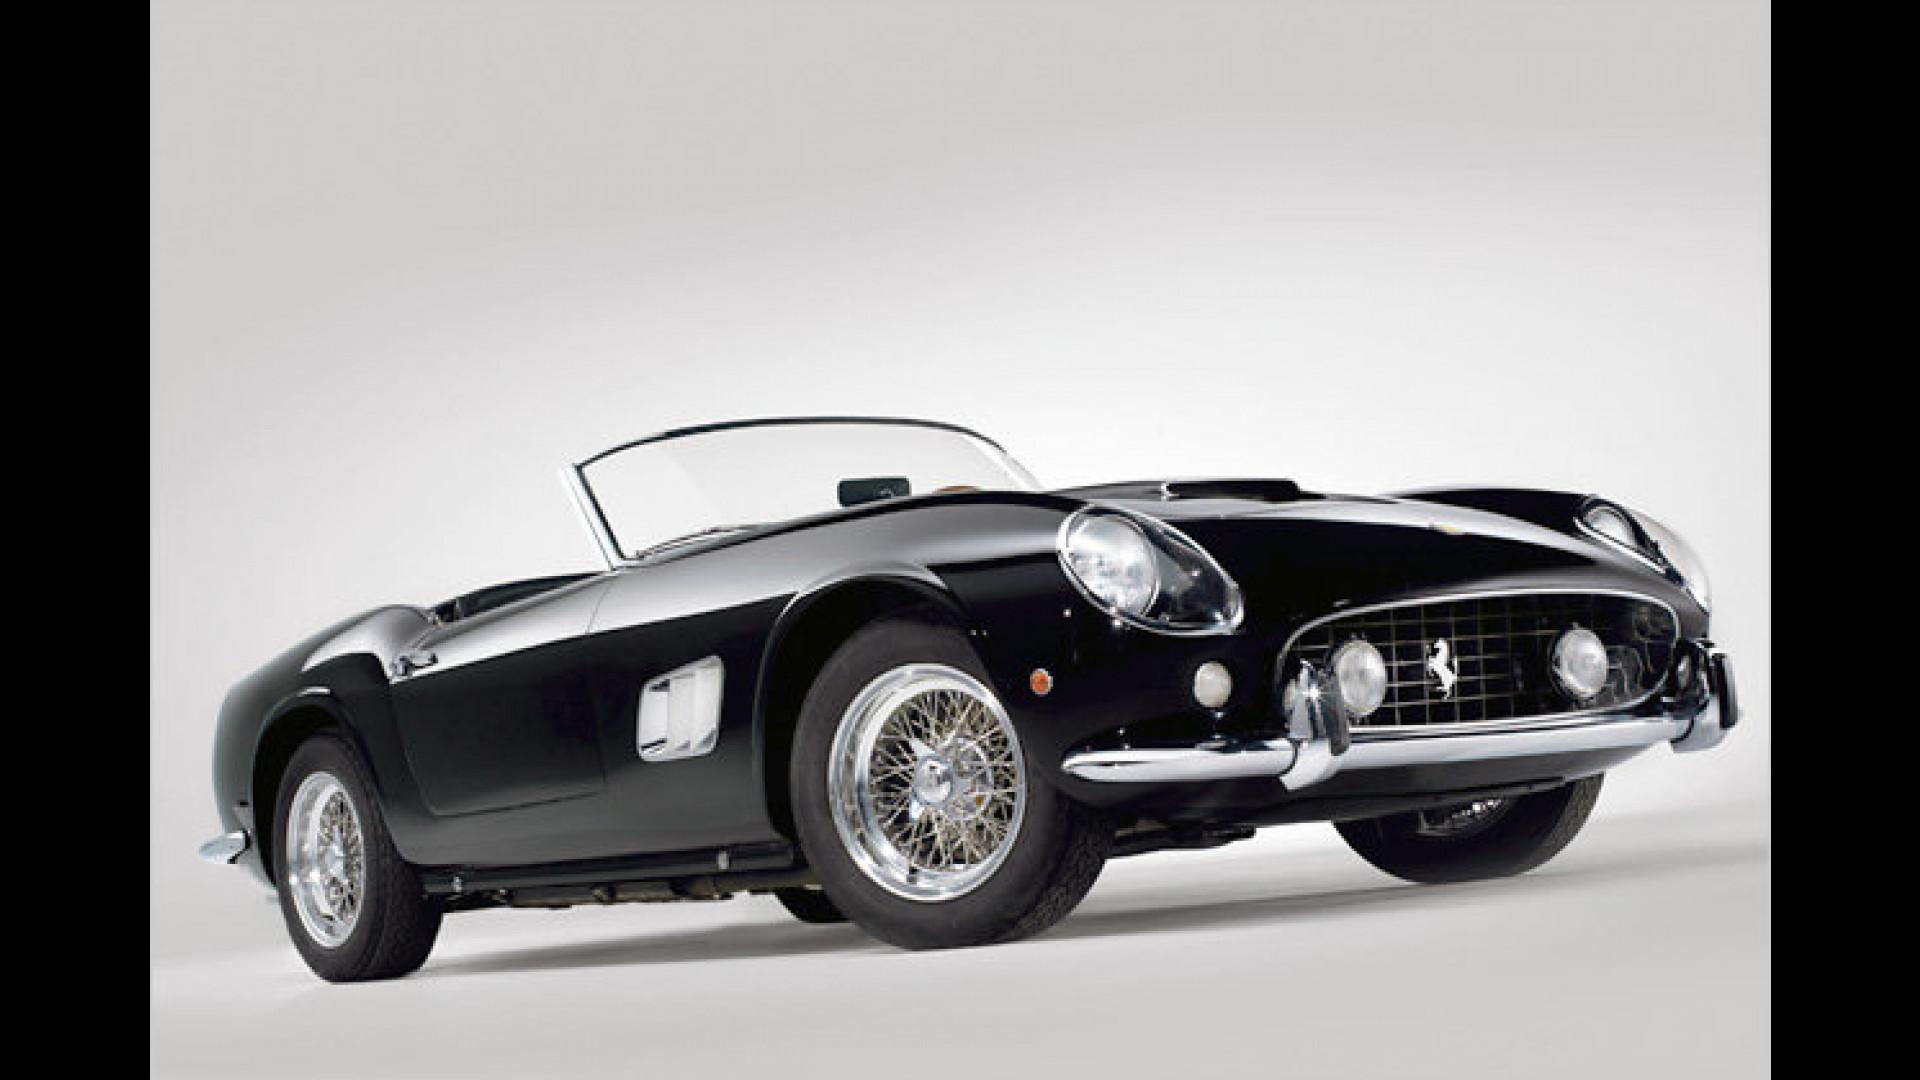 das teuerste auto der welt ist ein bugatti 57sc atlantic. Black Bedroom Furniture Sets. Home Design Ideas